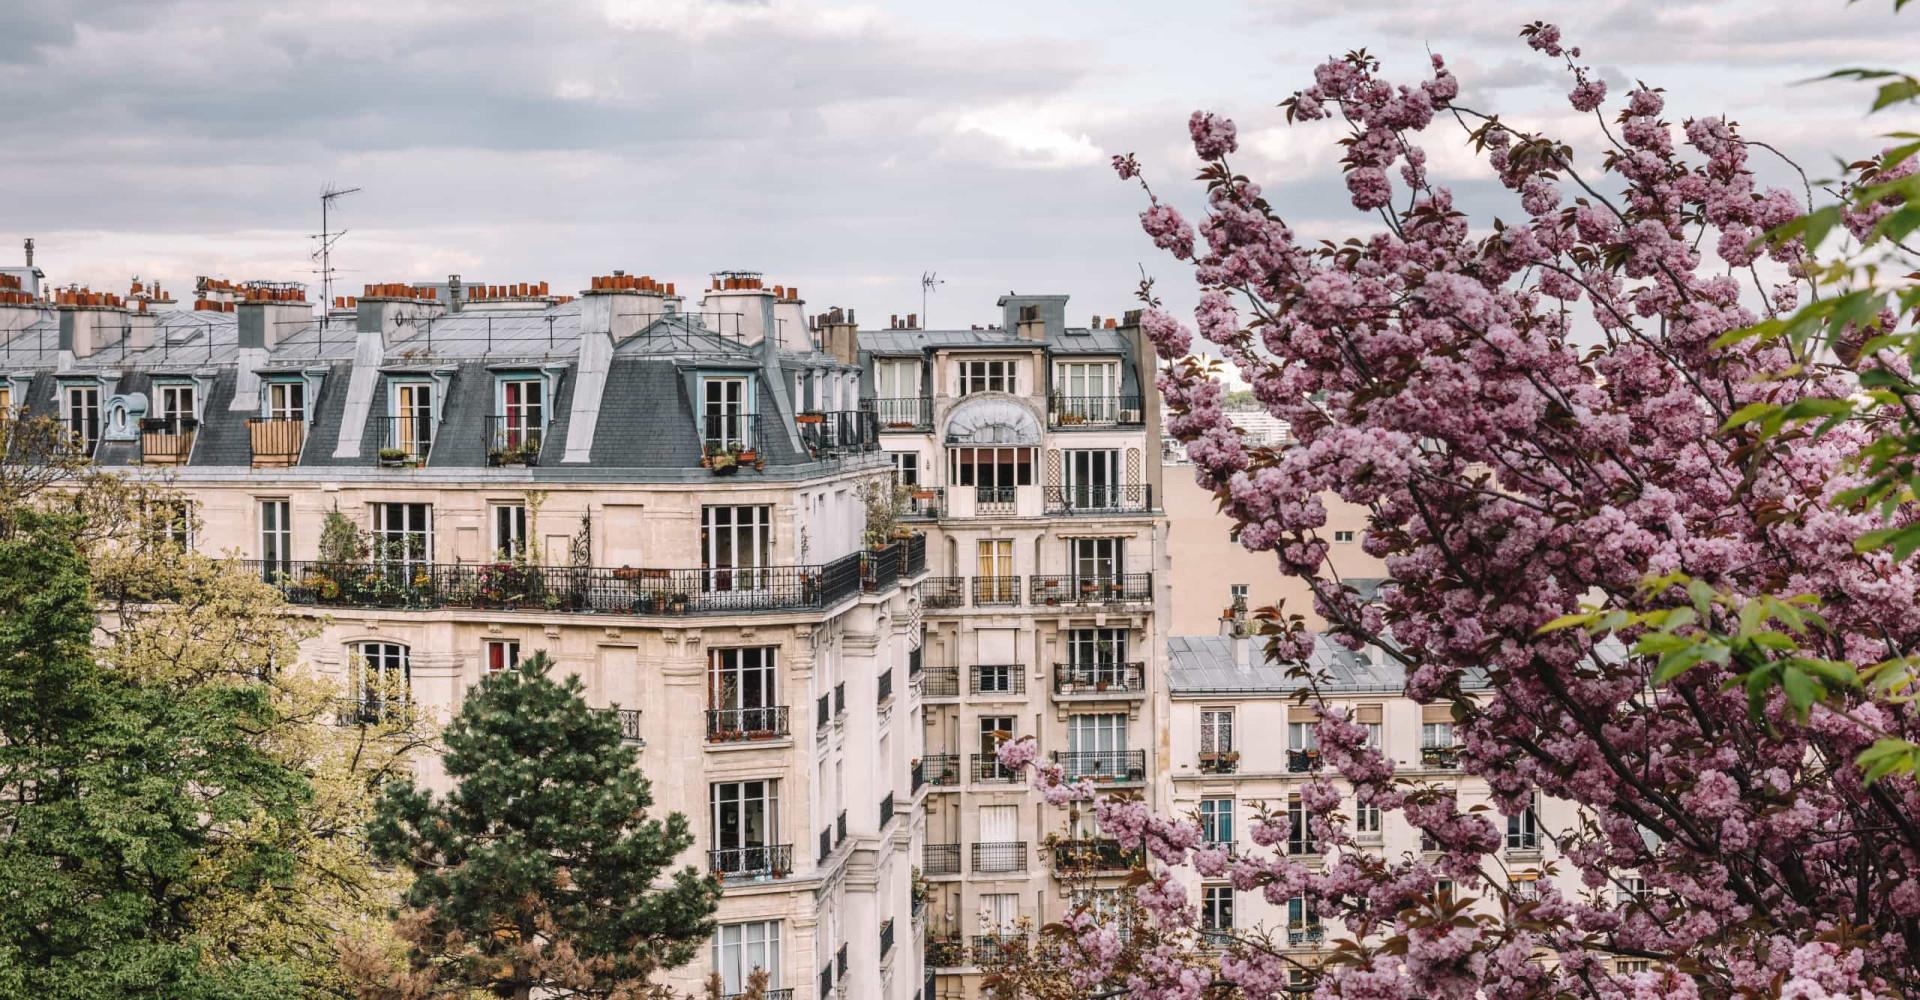 Le style haussmannien: l'influence mondiale de l'architecture parisienne